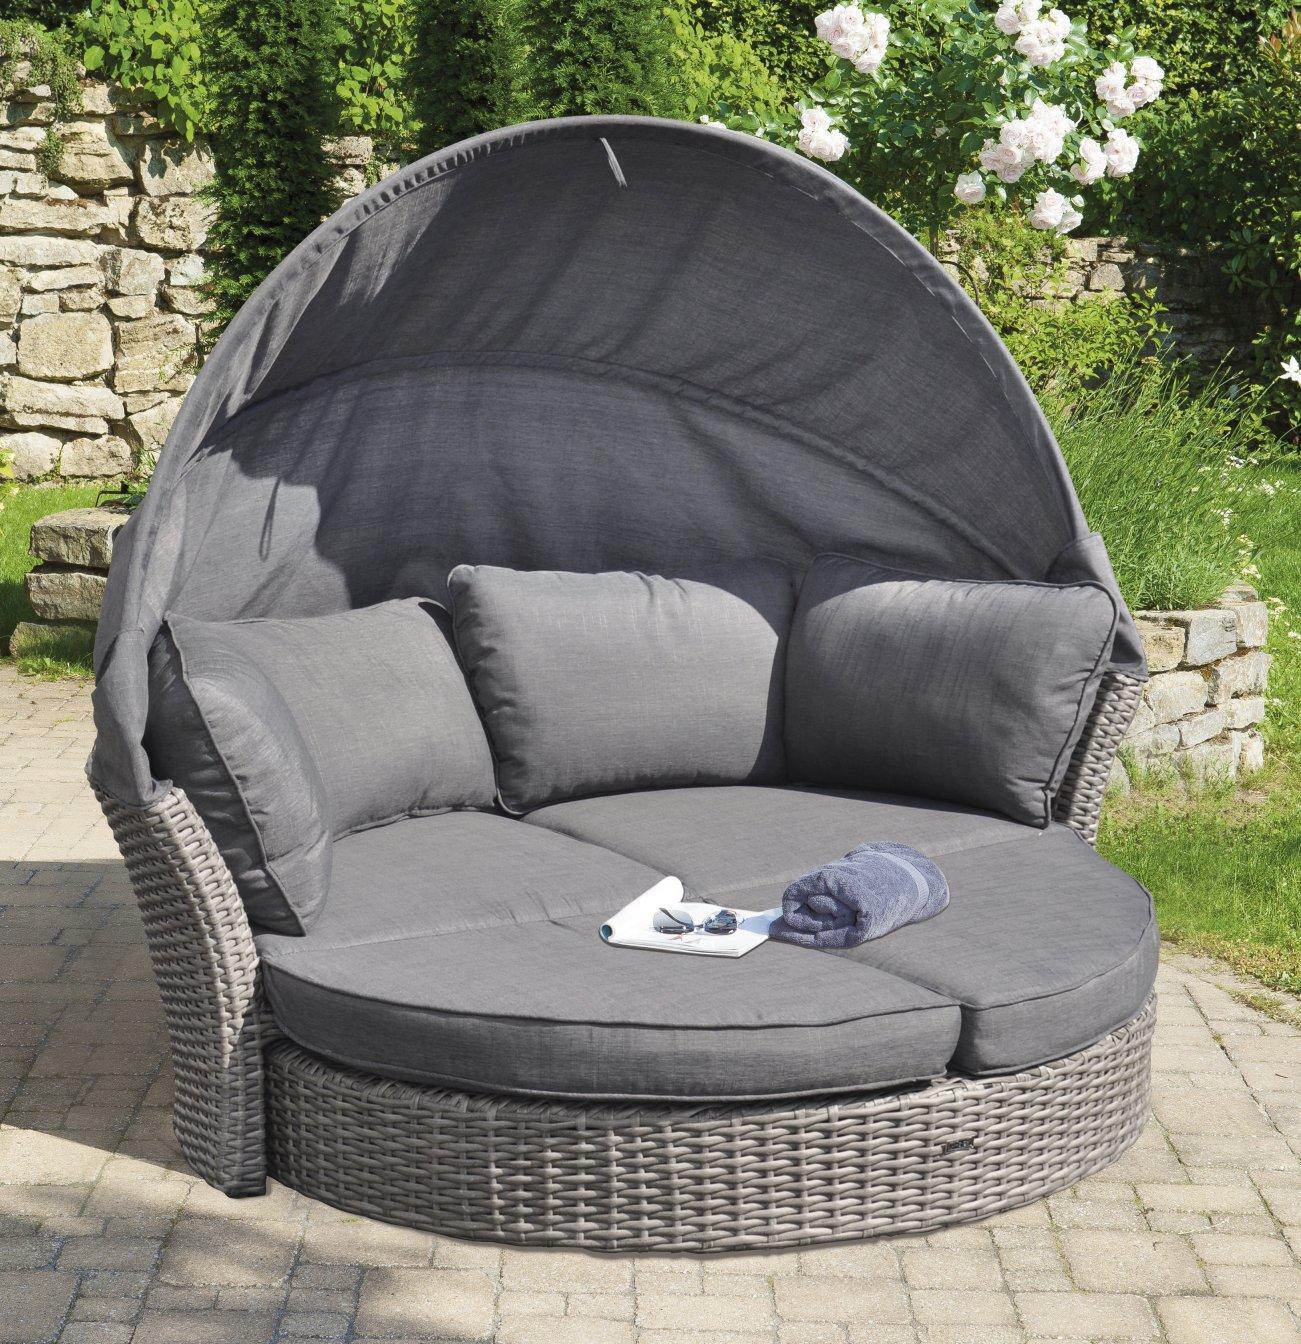 geflecht gartensofa bequem wetterfest zu garten liegeinsel umbaubar. Black Bedroom Furniture Sets. Home Design Ideas